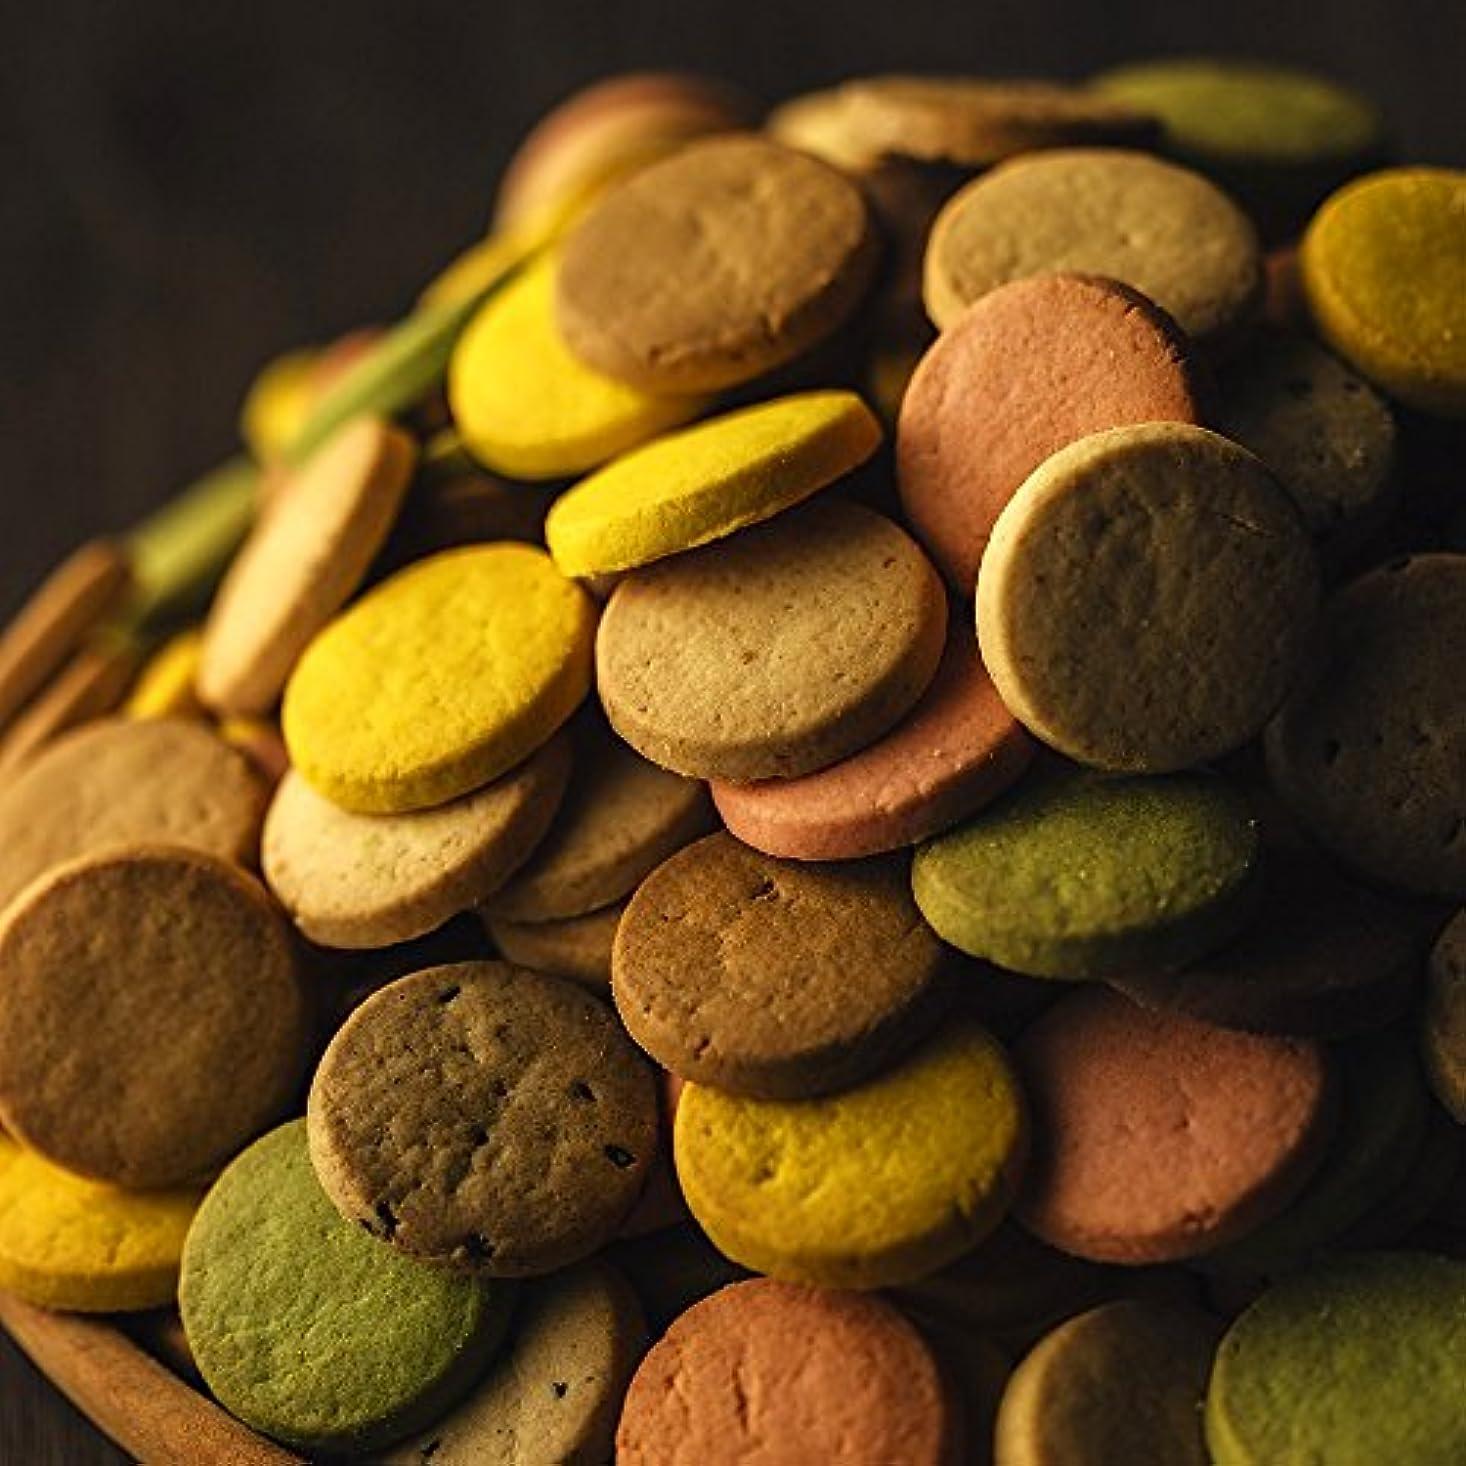 あなたのもの無声でオール豆乳おからクッキー蒟蒻マンナン入り 2kg